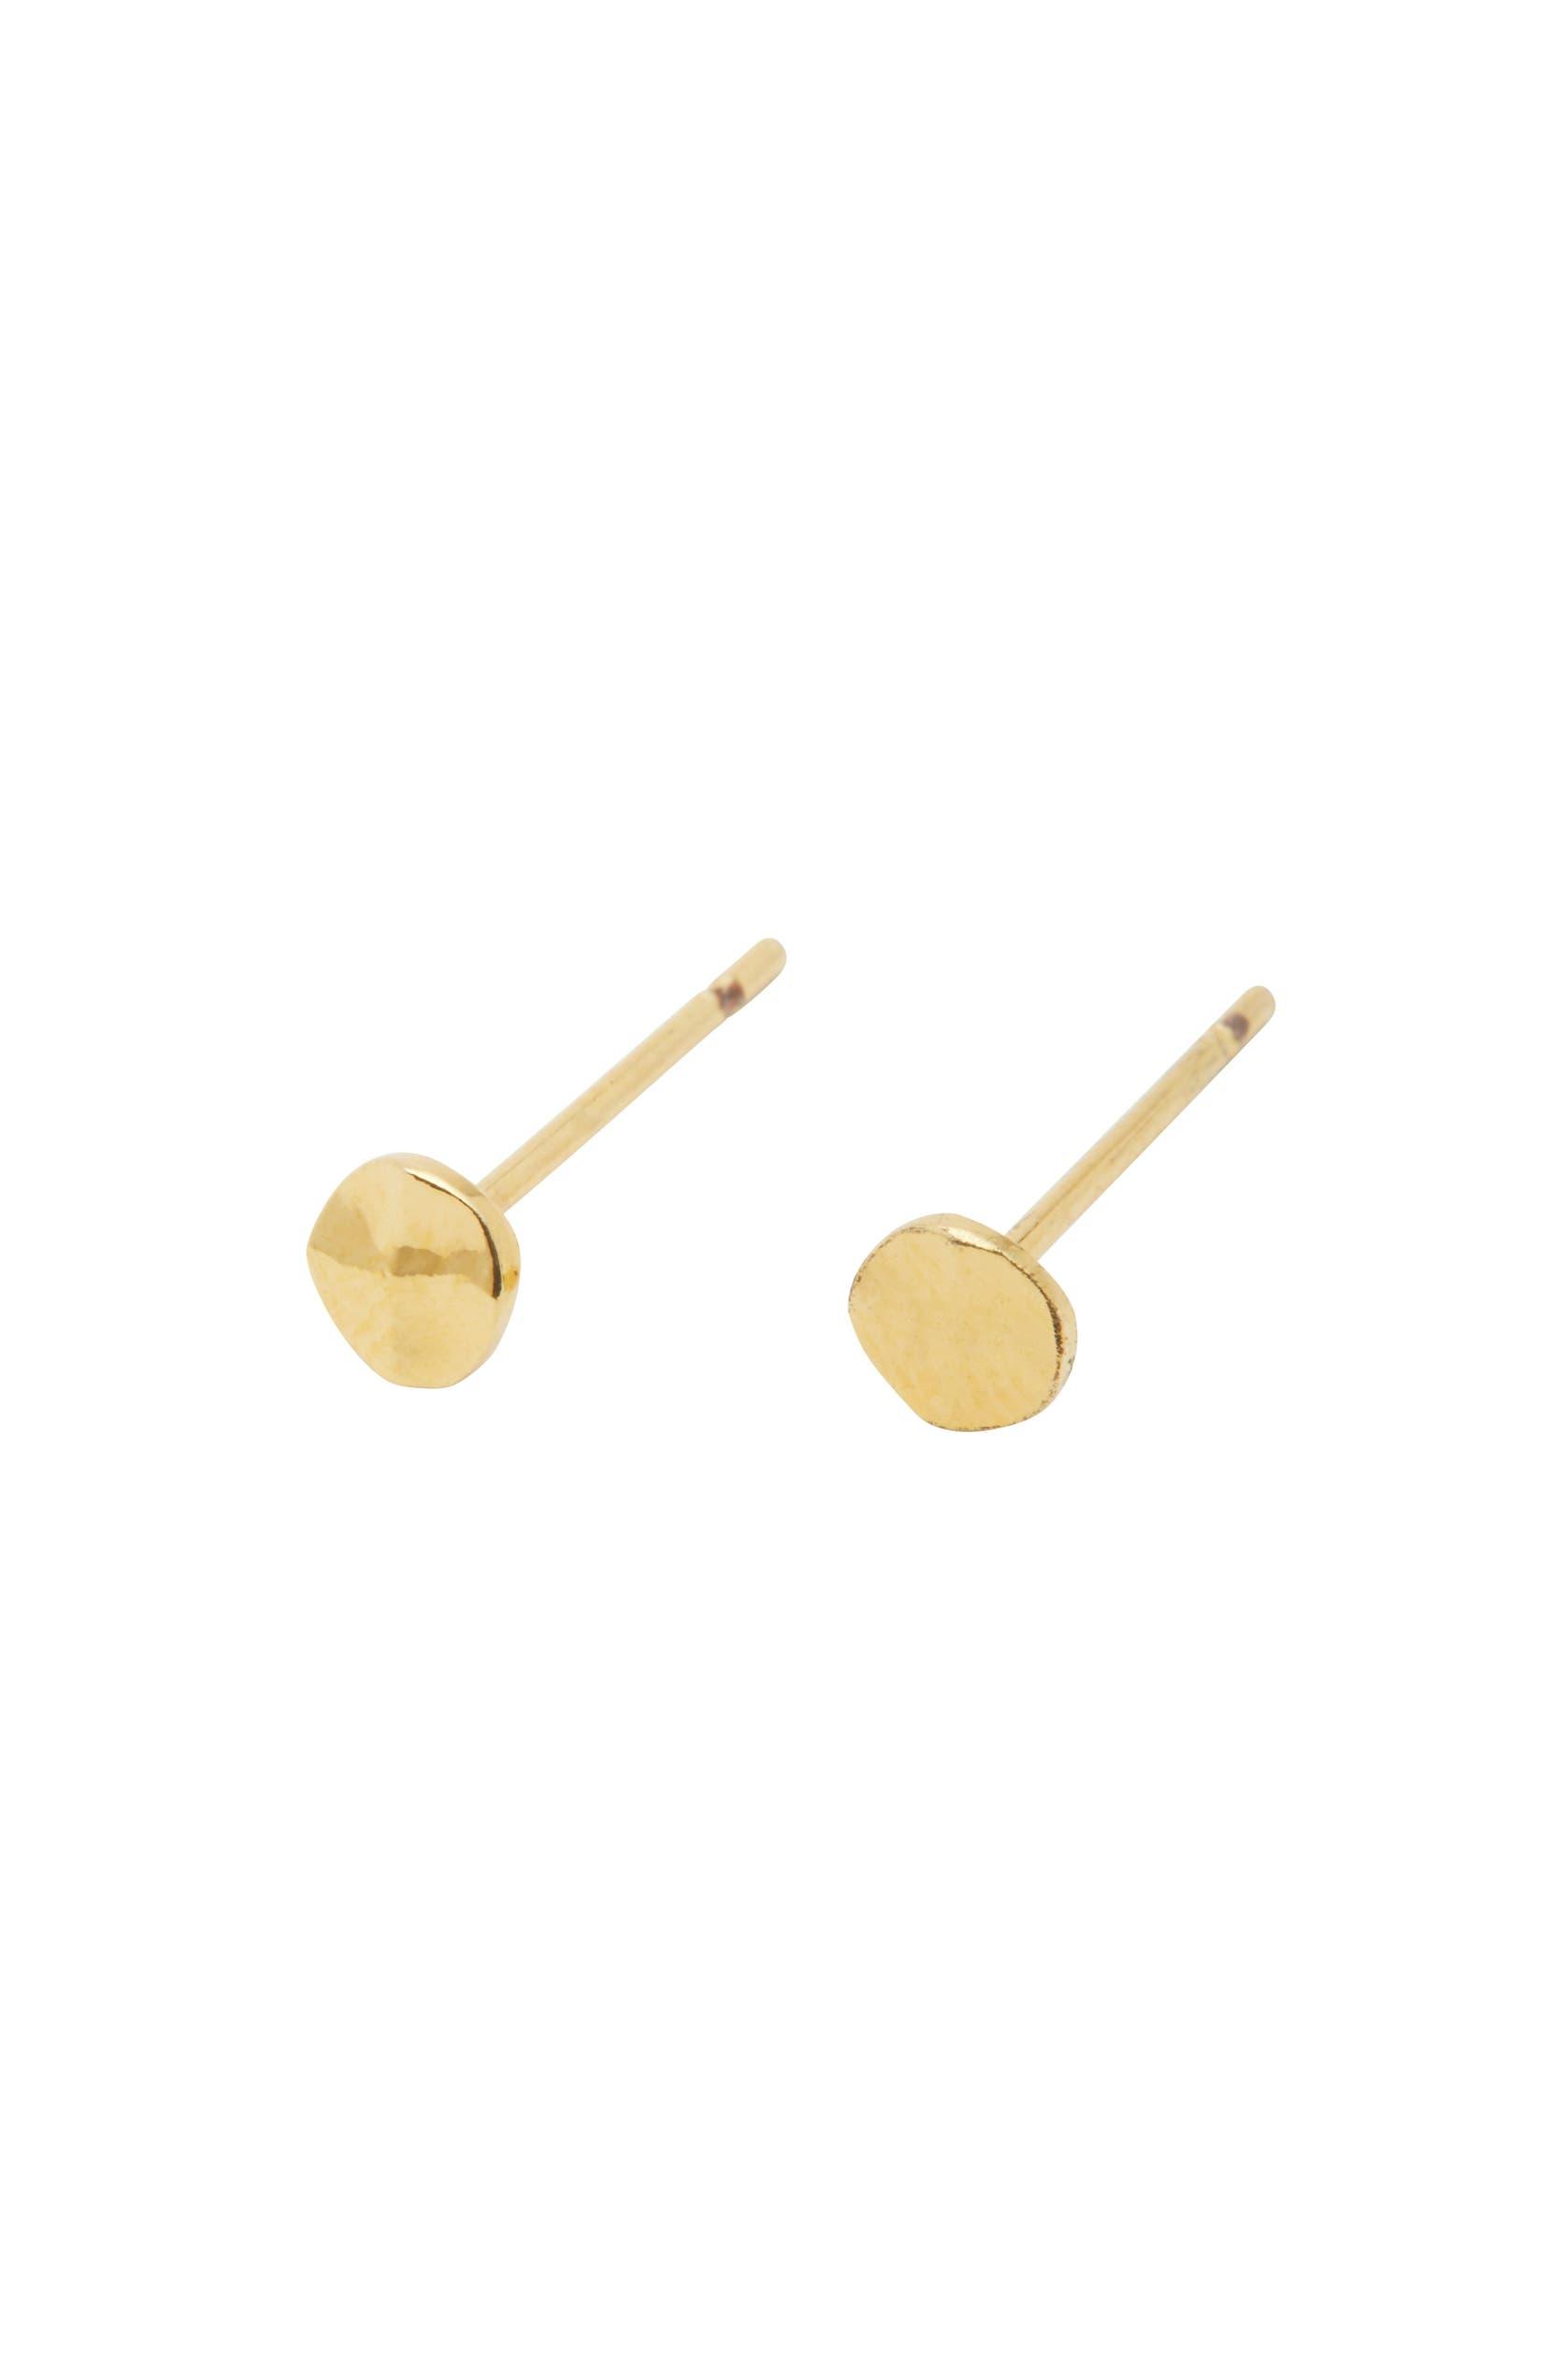 7e0e9c0d3 gorjana Chloe Mini Stud Earrings | Nordstrom